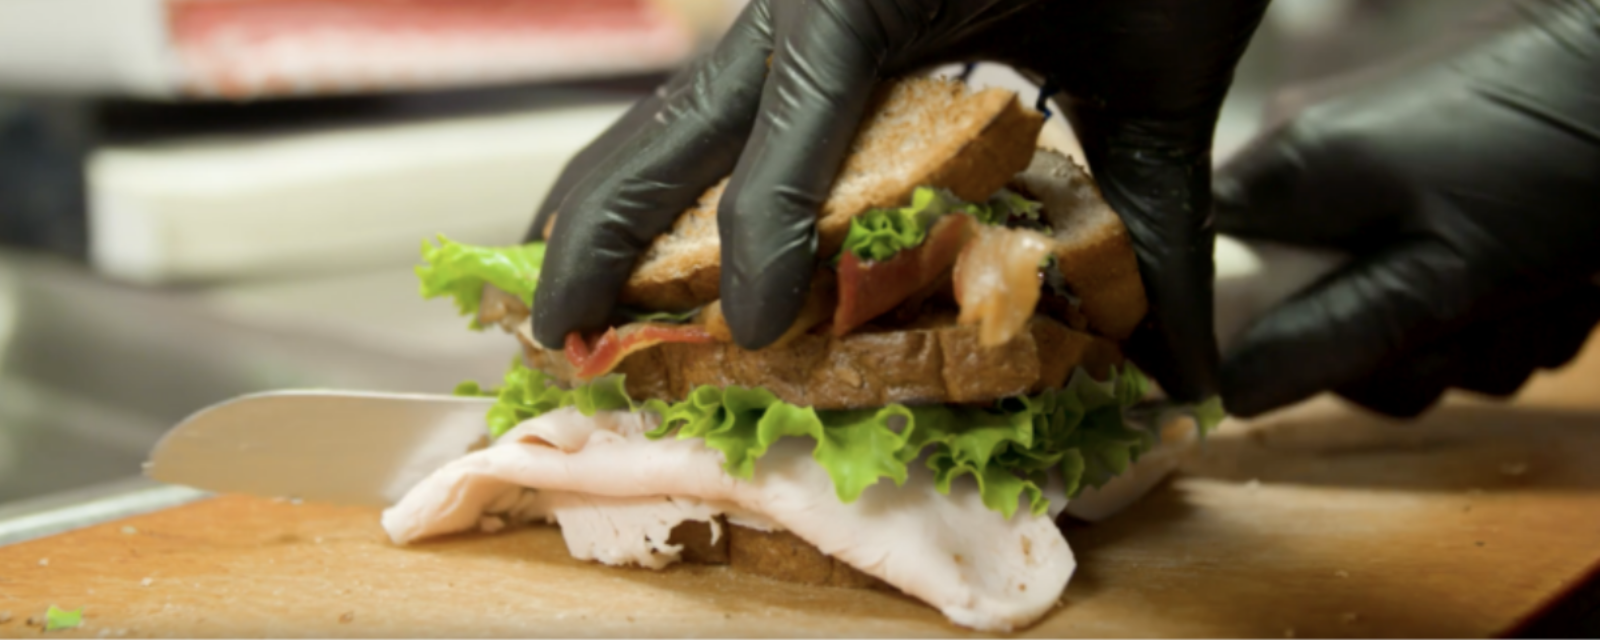 Mr Sandwich Email Header